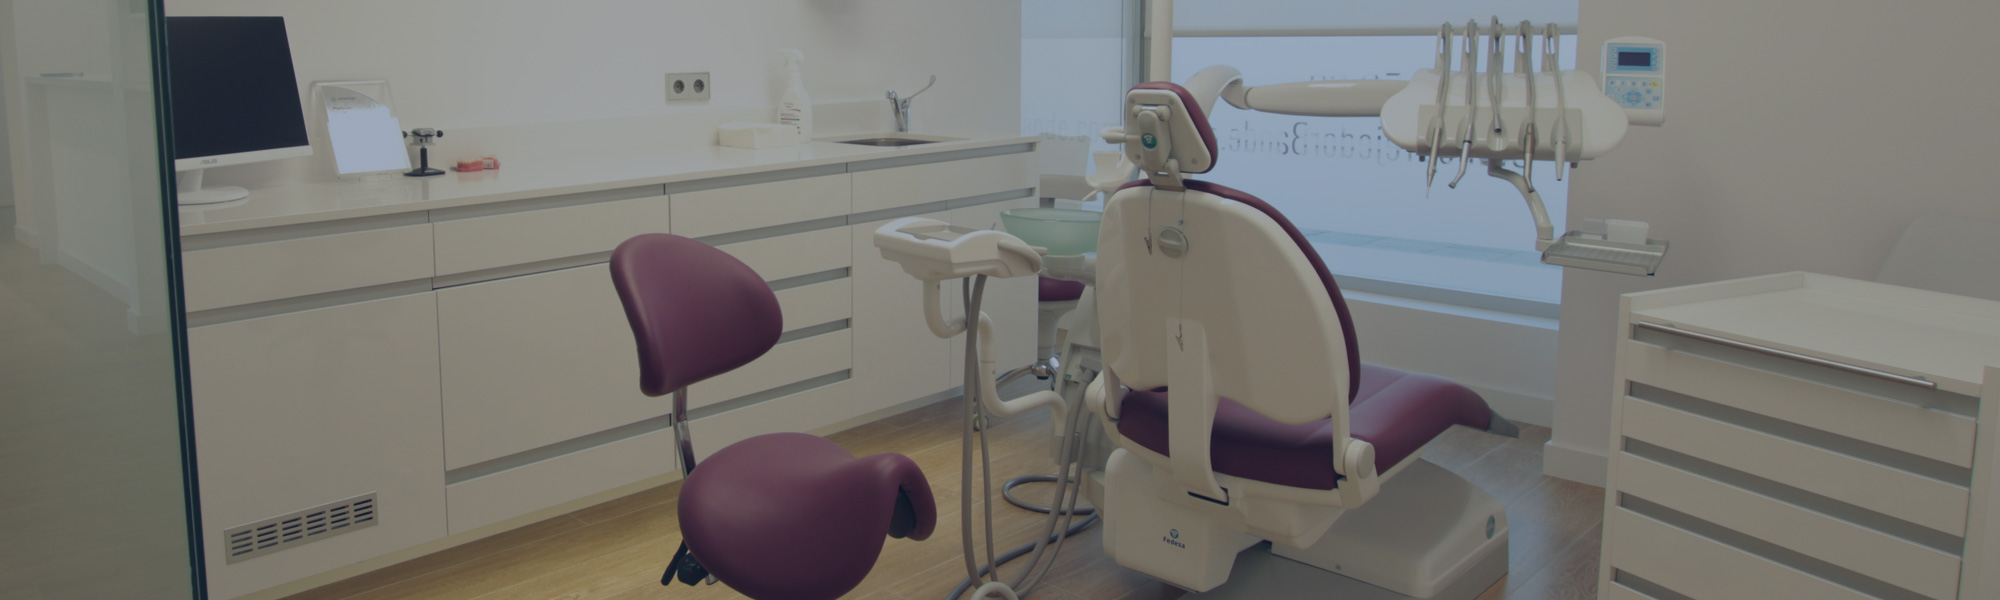 Especialistas en <i>clínicas dentales</i>